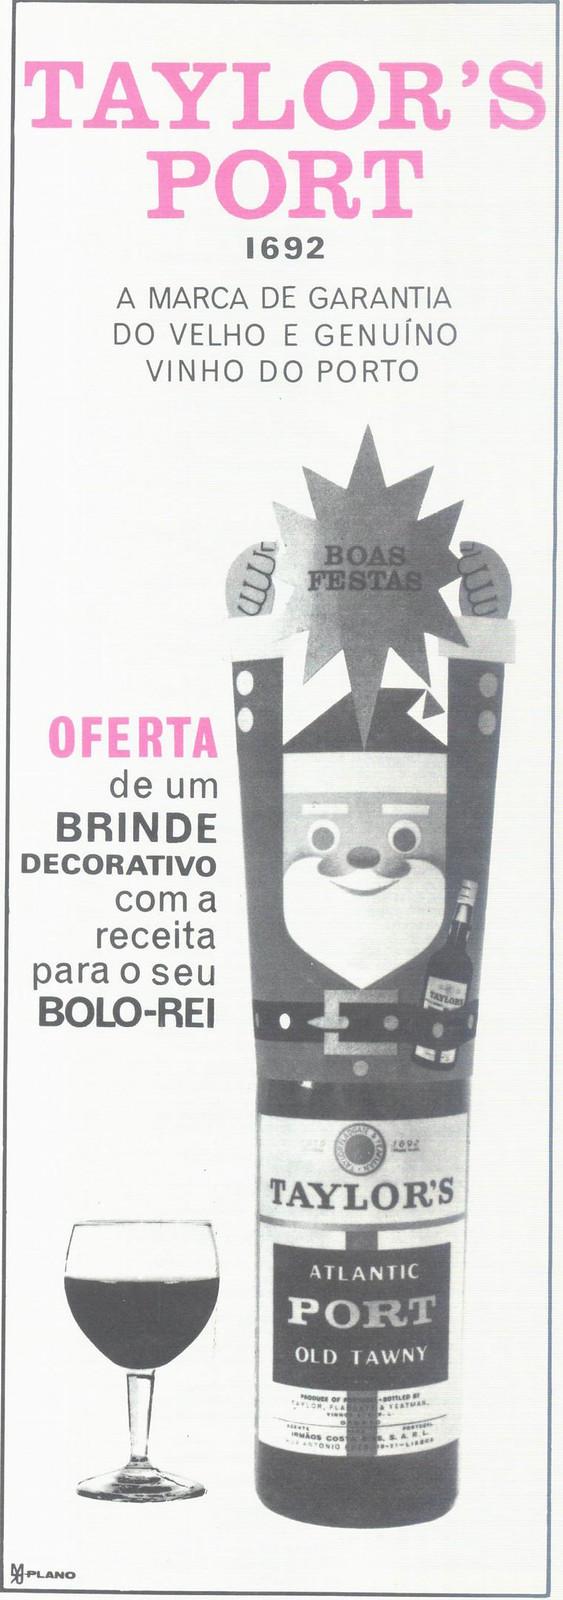 Banquete, Nº 106, Dezembro 1968 - 12a